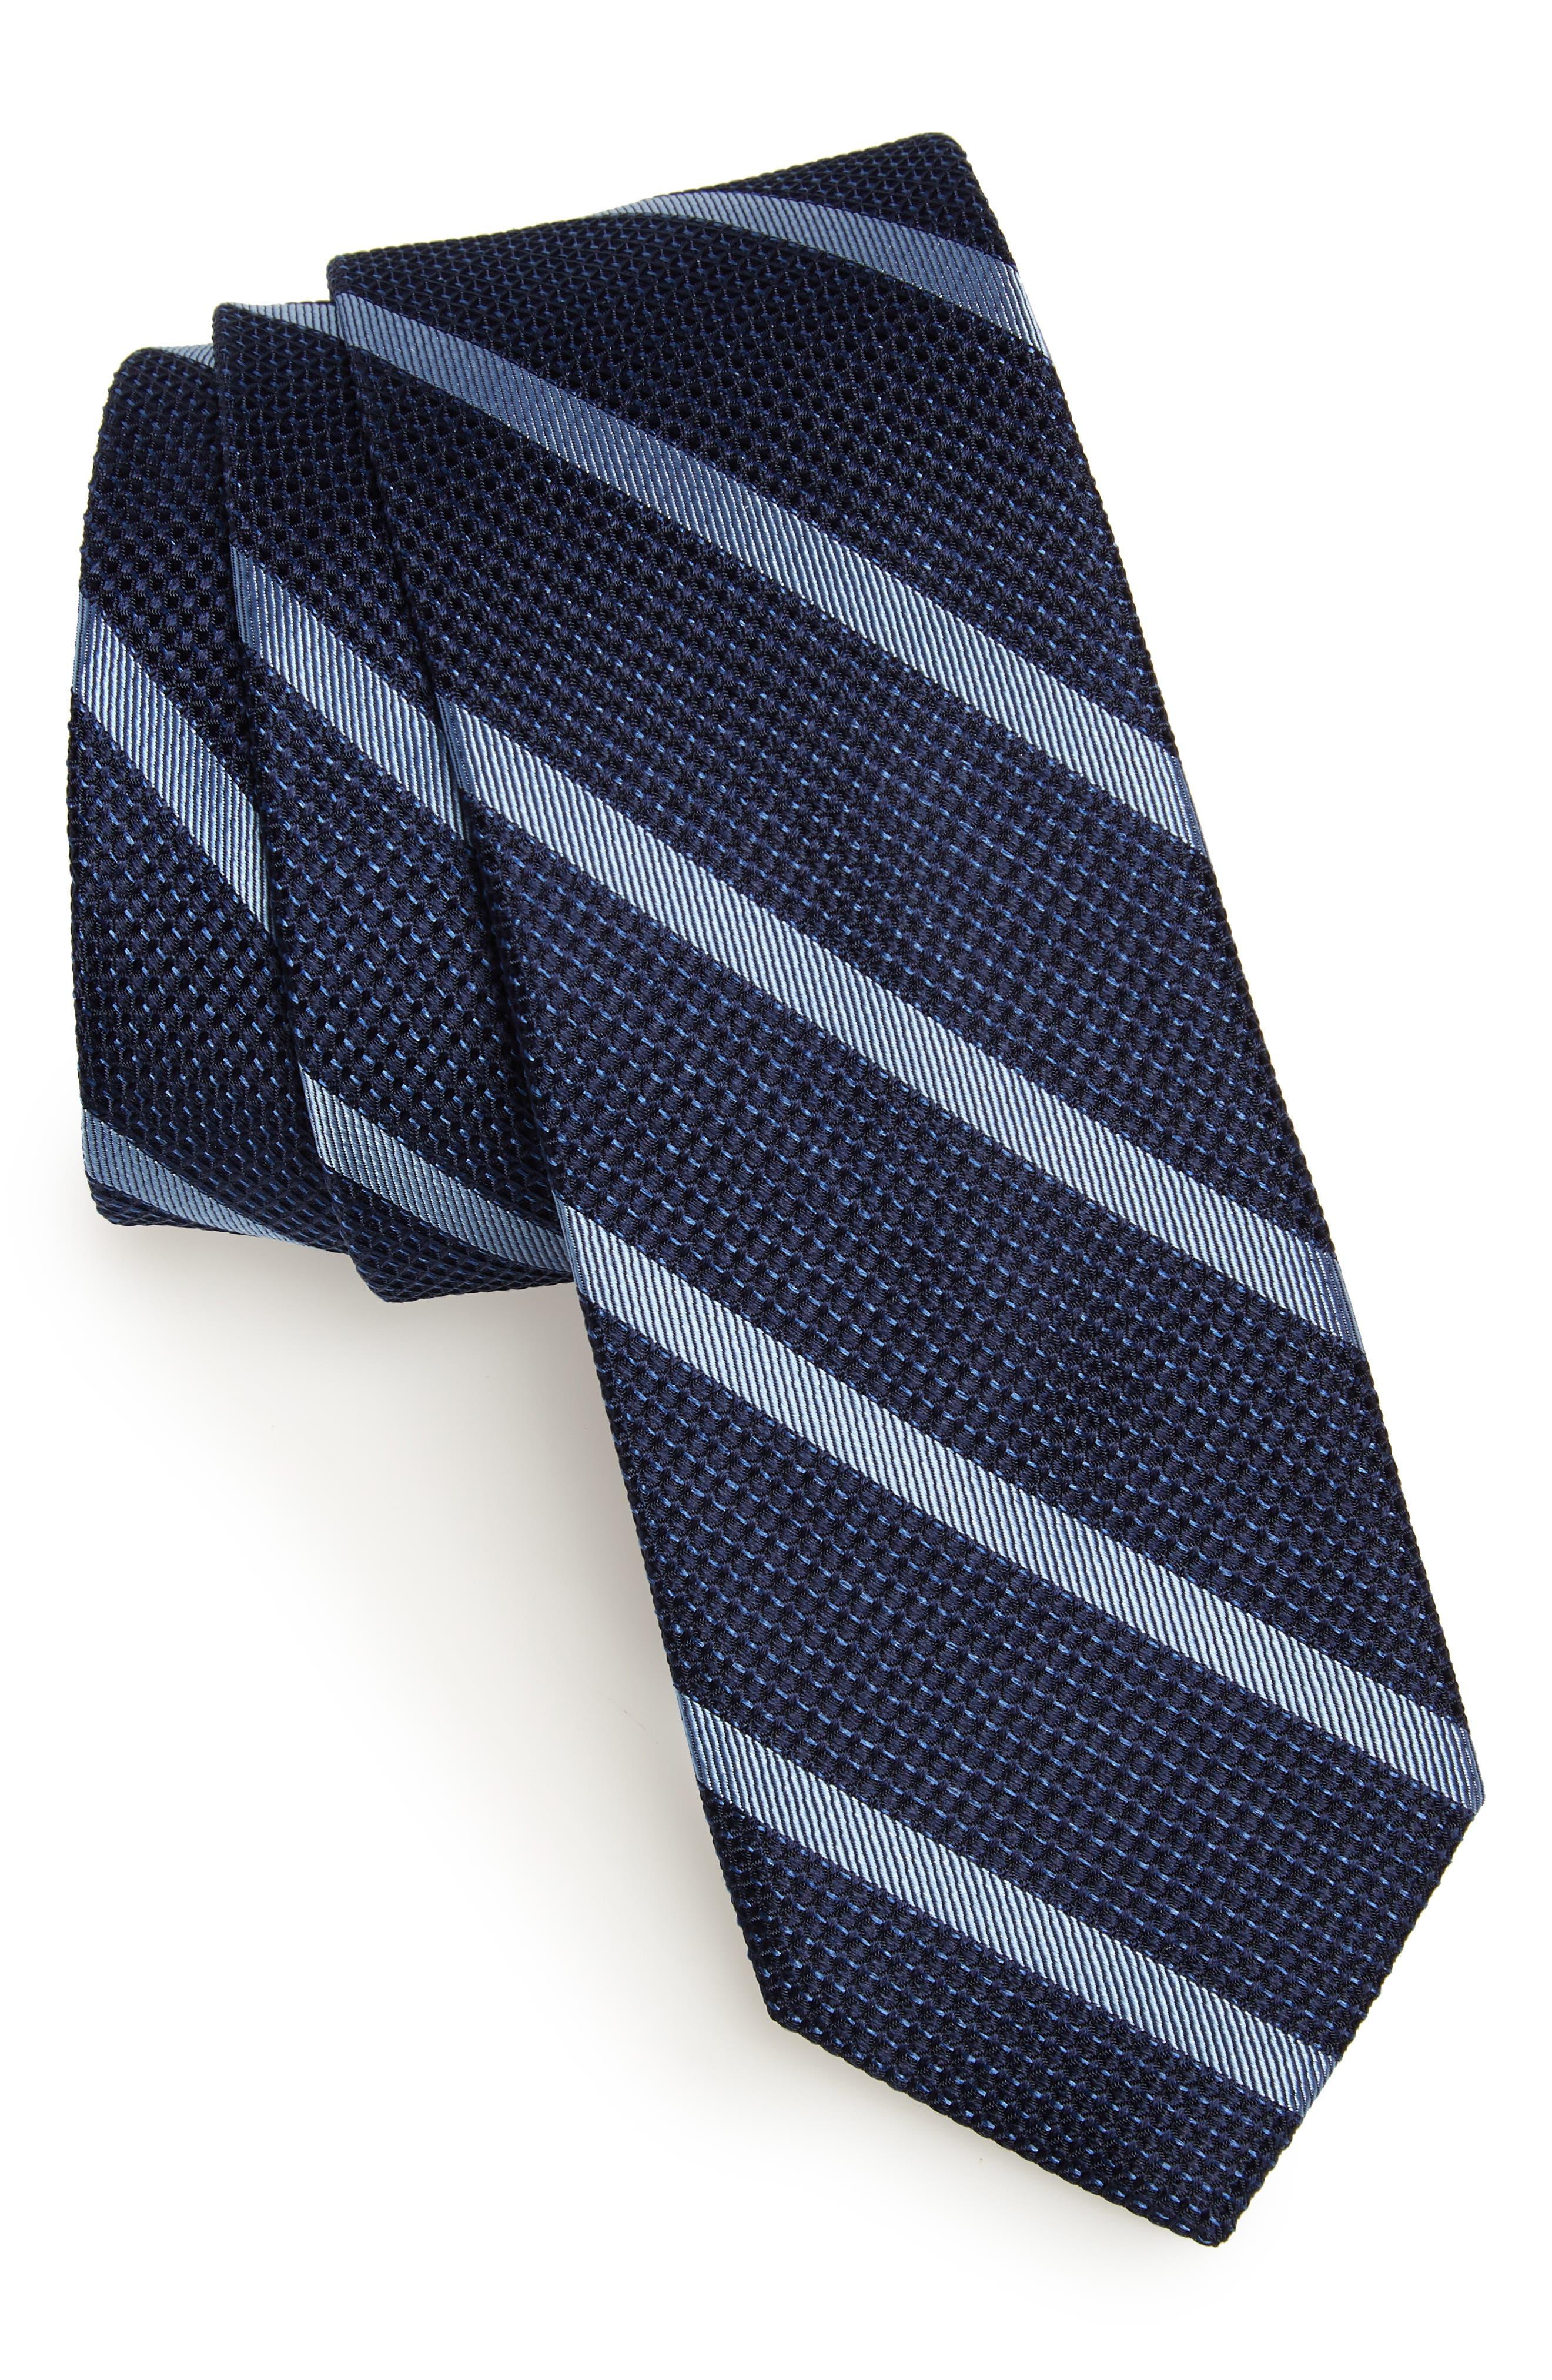 Daubert Stripe Silk Tie,                             Main thumbnail 1, color,                             400